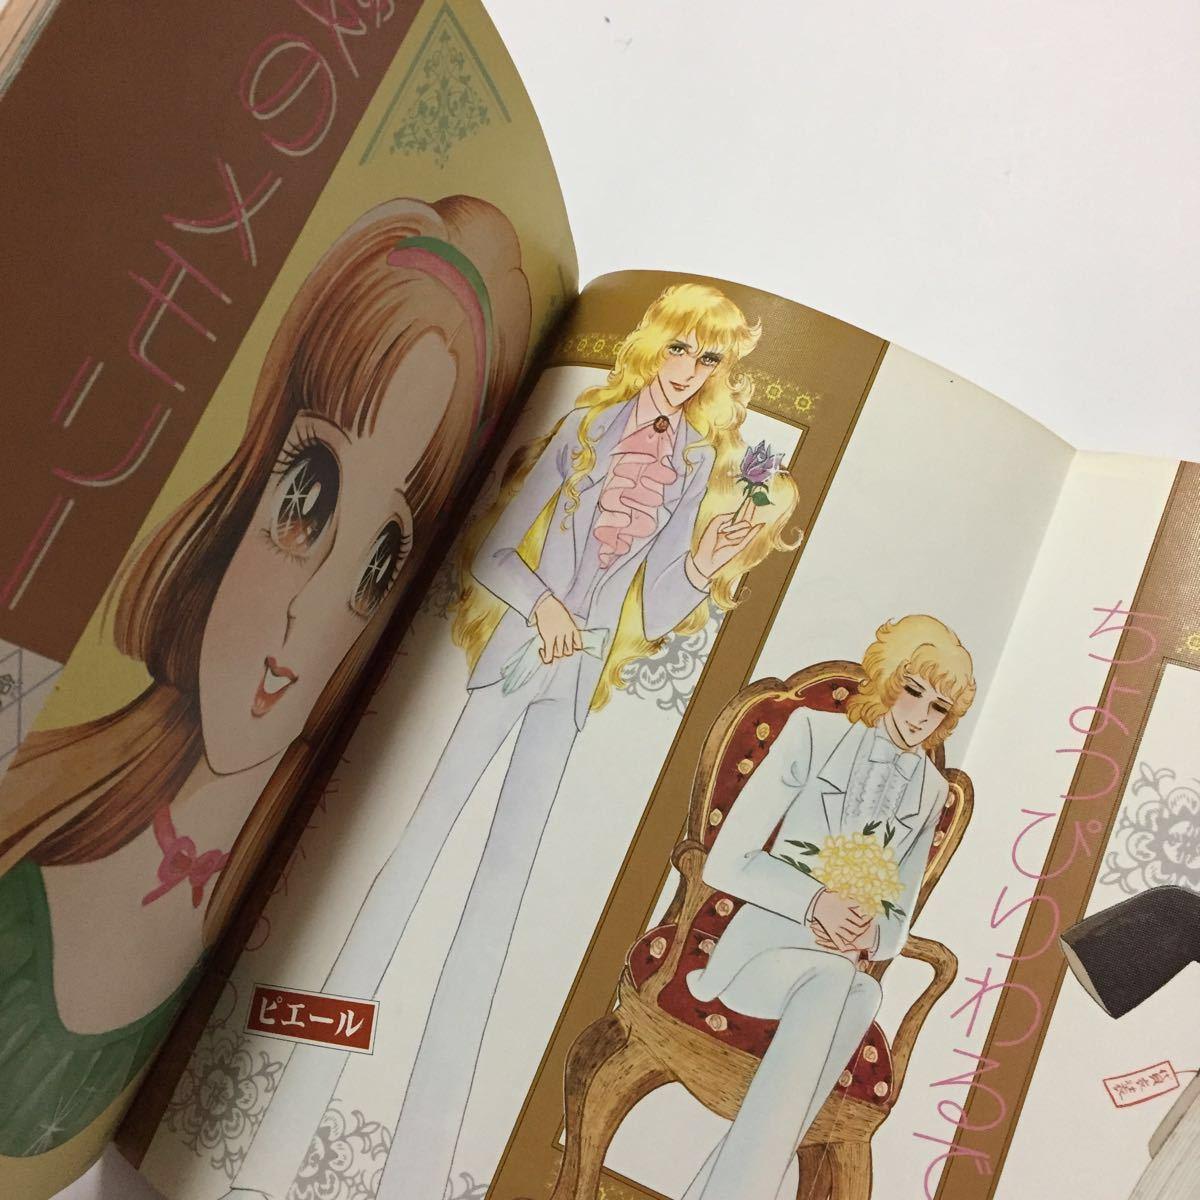 初版 うわさの姫子 愛のメモリー イラスト集 藤原栄子_画像4